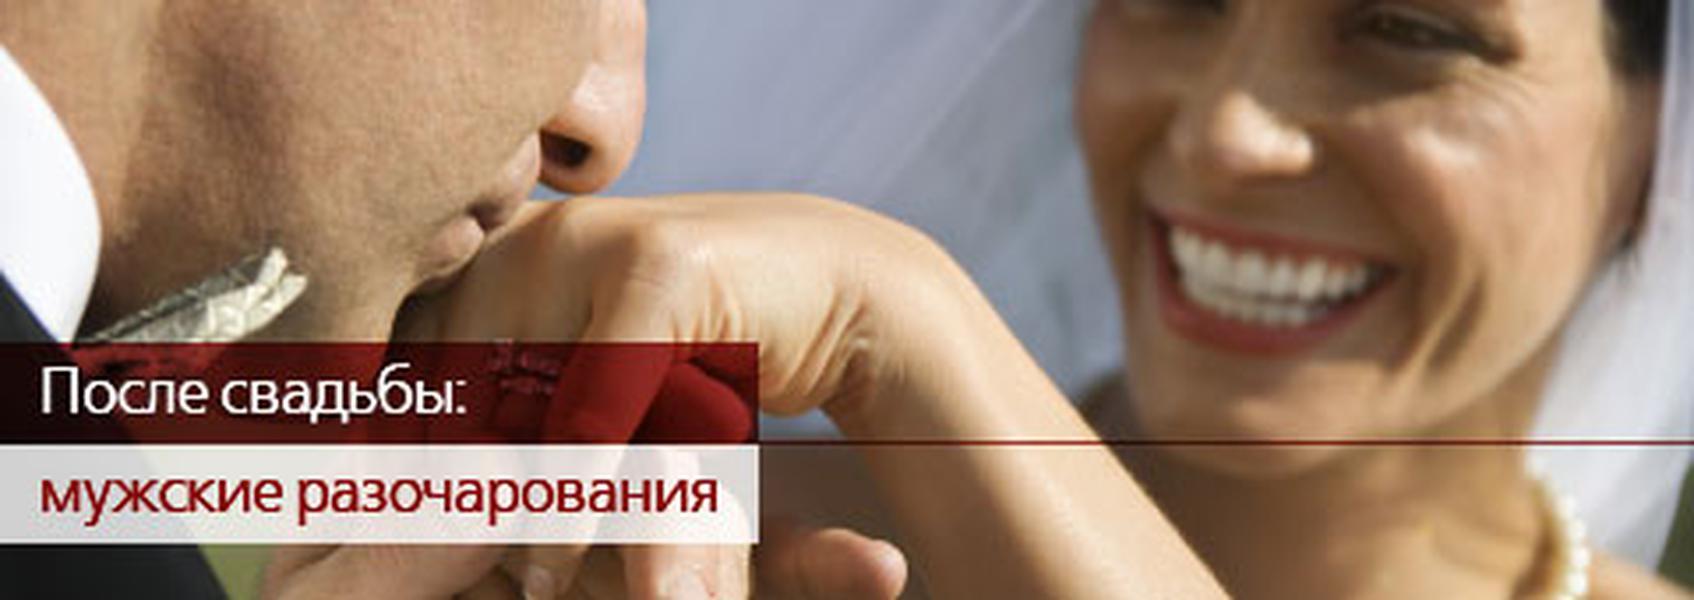 foto-telki-posle-svadbi-russkaya-krasivaya-domashnyaya-eblya